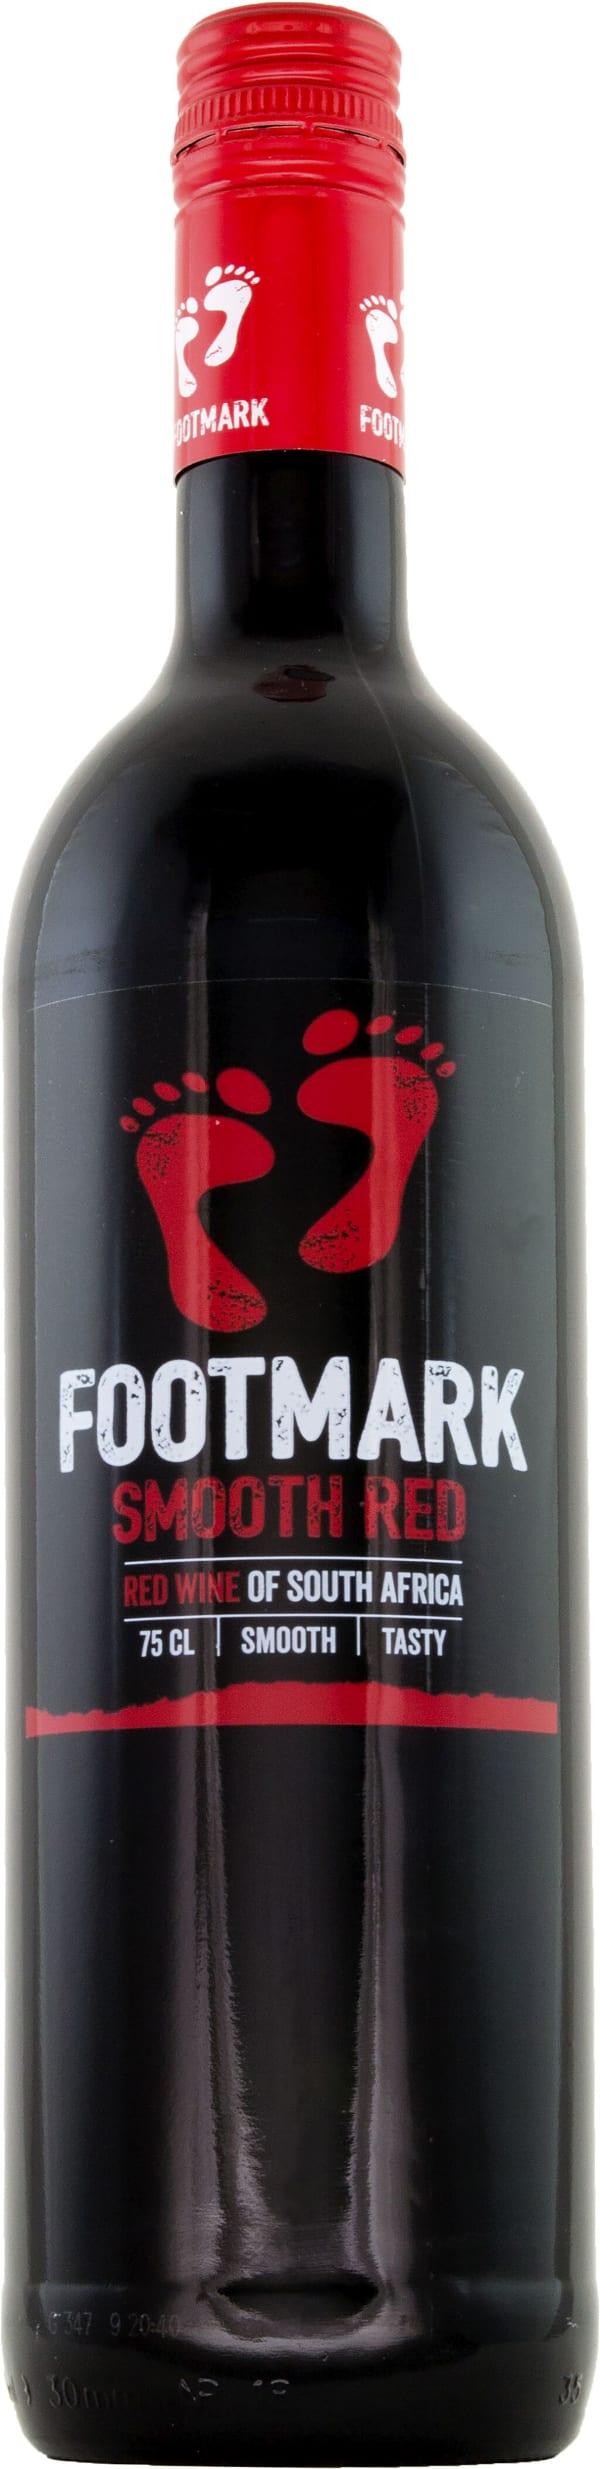 Footmark Merlot Cinsault 2017